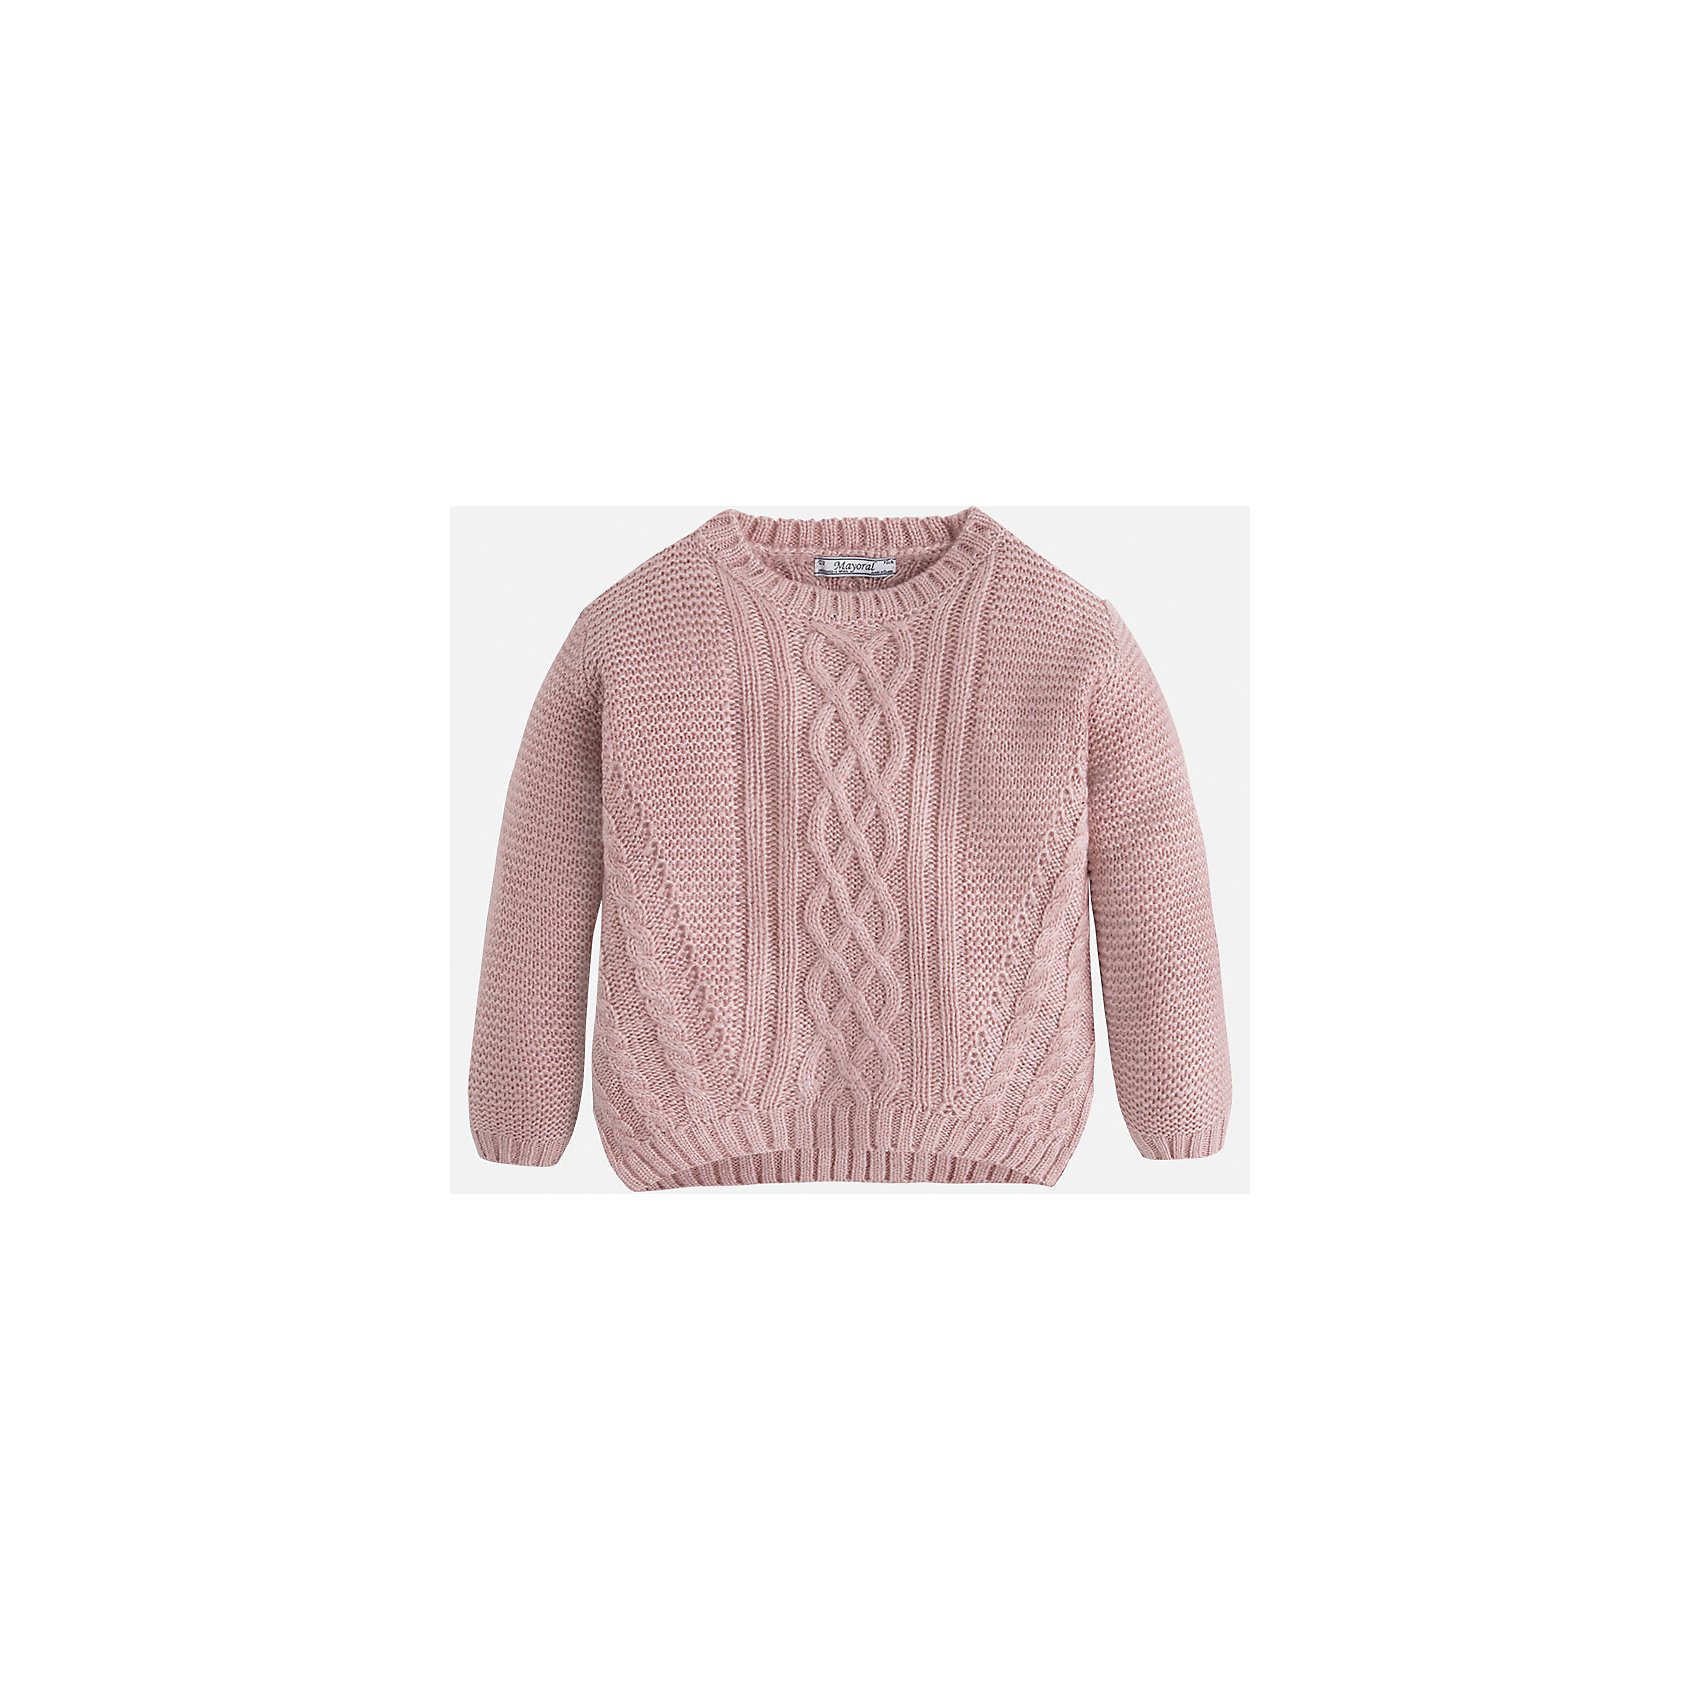 Свитер для девочки MayoralВязаный свитер  пудрового цвета торговой марки    Майорал -Mayoral для девочек.<br>Свитер выполнен из акрила. Изделие из  мягкого трикотажа с рукавами реглан, впереди украшено узором, будет прекрасно сочетаться с джинсами и брюками.<br><br>Дополнительная информация: <br><br>- цвет: нежно-розовый<br>- состав: акрил 100%<br>- фактура материала: текстильный<br>- тип карманов: без карманов<br>- уход за вещами: бережная стирка при 30 градусах<br>- рисунок: с рисунком<br>- назначение: повседневная<br>- сезон: круглогодичный<br>- пол: девочки<br>- страна бренда: Испания<br>- комплектация: свитер<br><br>Свитер для девочки торговой марки Mayoral можно купить в нашем интернет-магазине.<br><br>Ширина мм: 190<br>Глубина мм: 74<br>Высота мм: 229<br>Вес г: 236<br>Цвет: розовый<br>Возраст от месяцев: 60<br>Возраст до месяцев: 72<br>Пол: Женский<br>Возраст: Детский<br>Размер: 116,98,122,110,134,104,128<br>SKU: 4846603